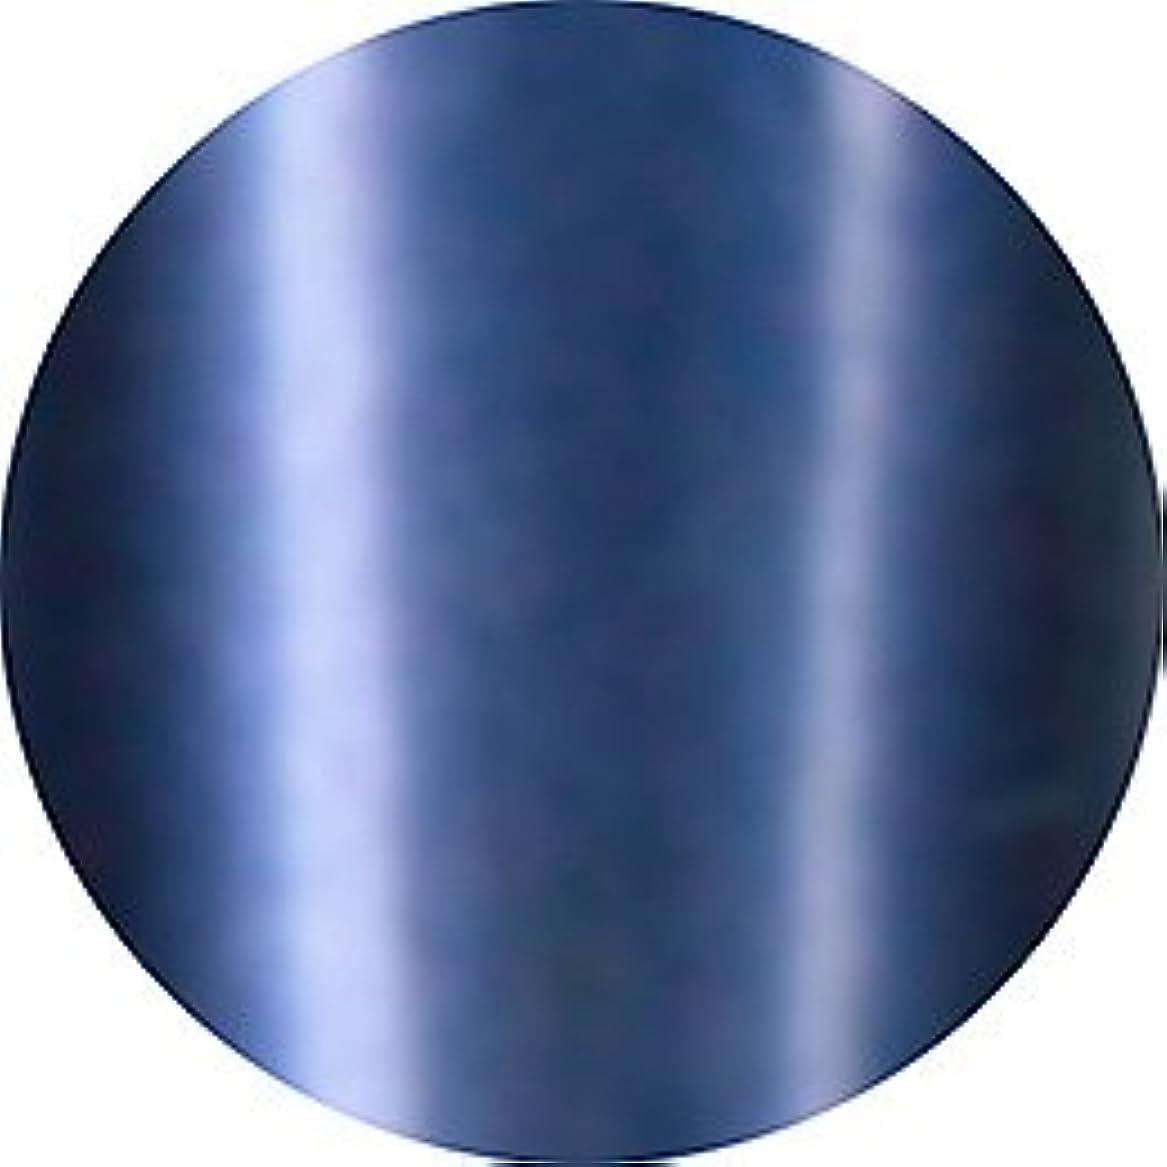 遠足透けて見えるカメラJewelry jel(ジュエリージェル) カラージェル 5ml<BR>メタリック MT036